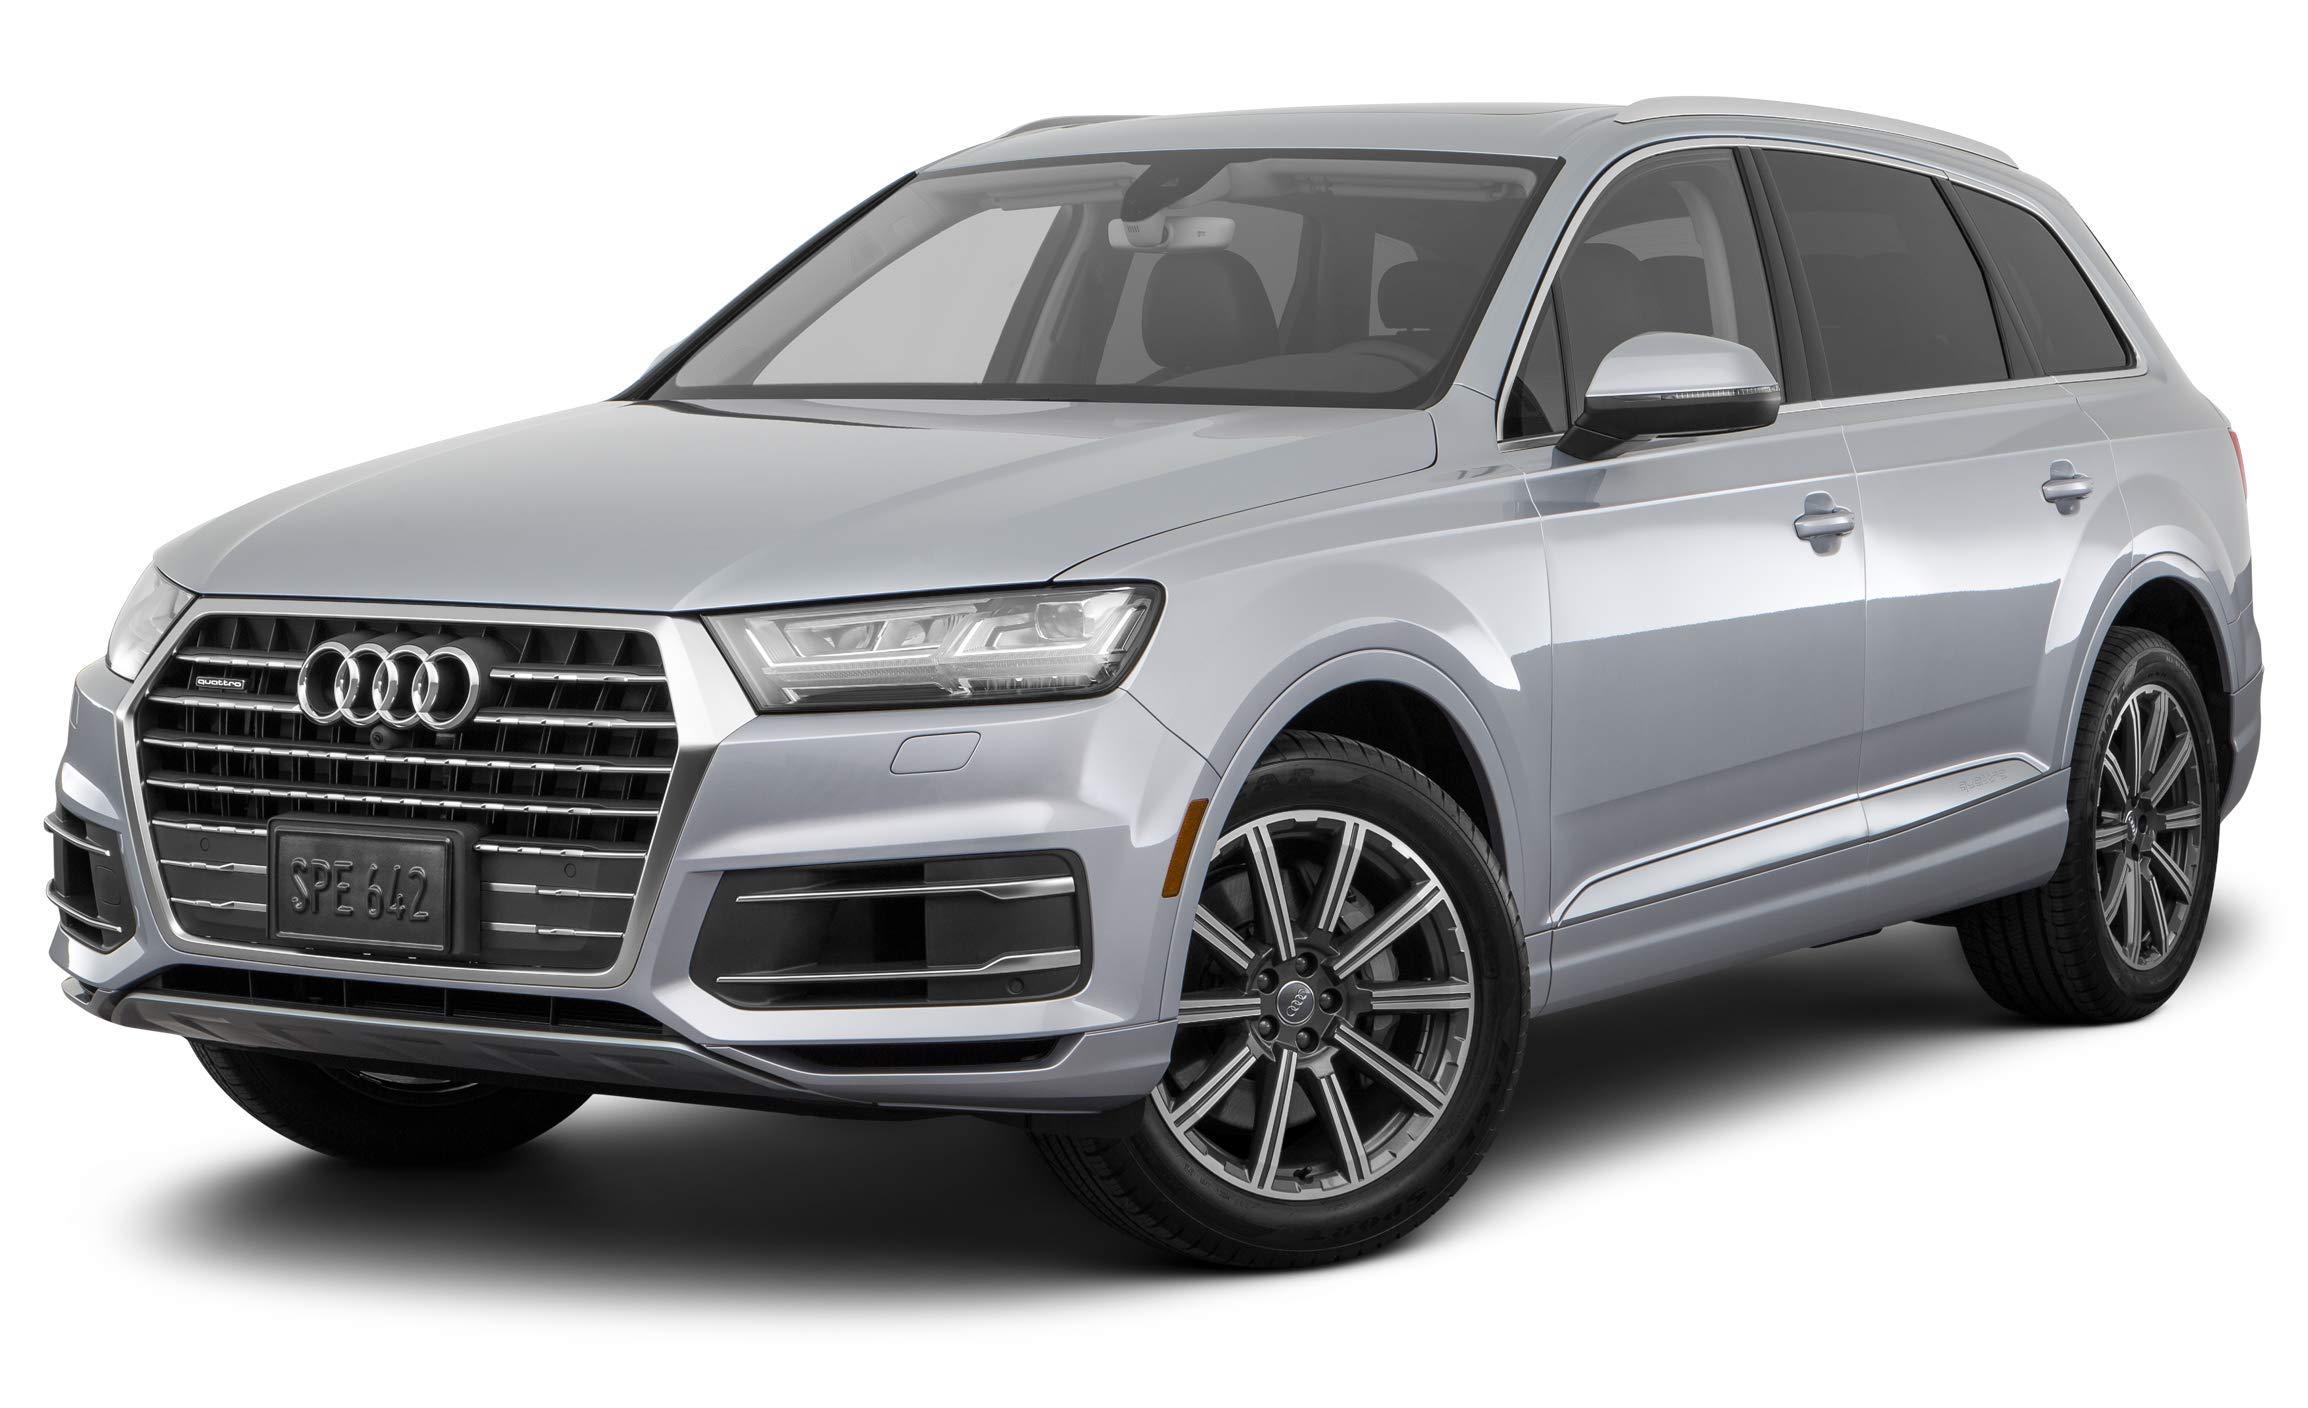 2019 Audi Q7 Premium, 45 TFSI quattro ...